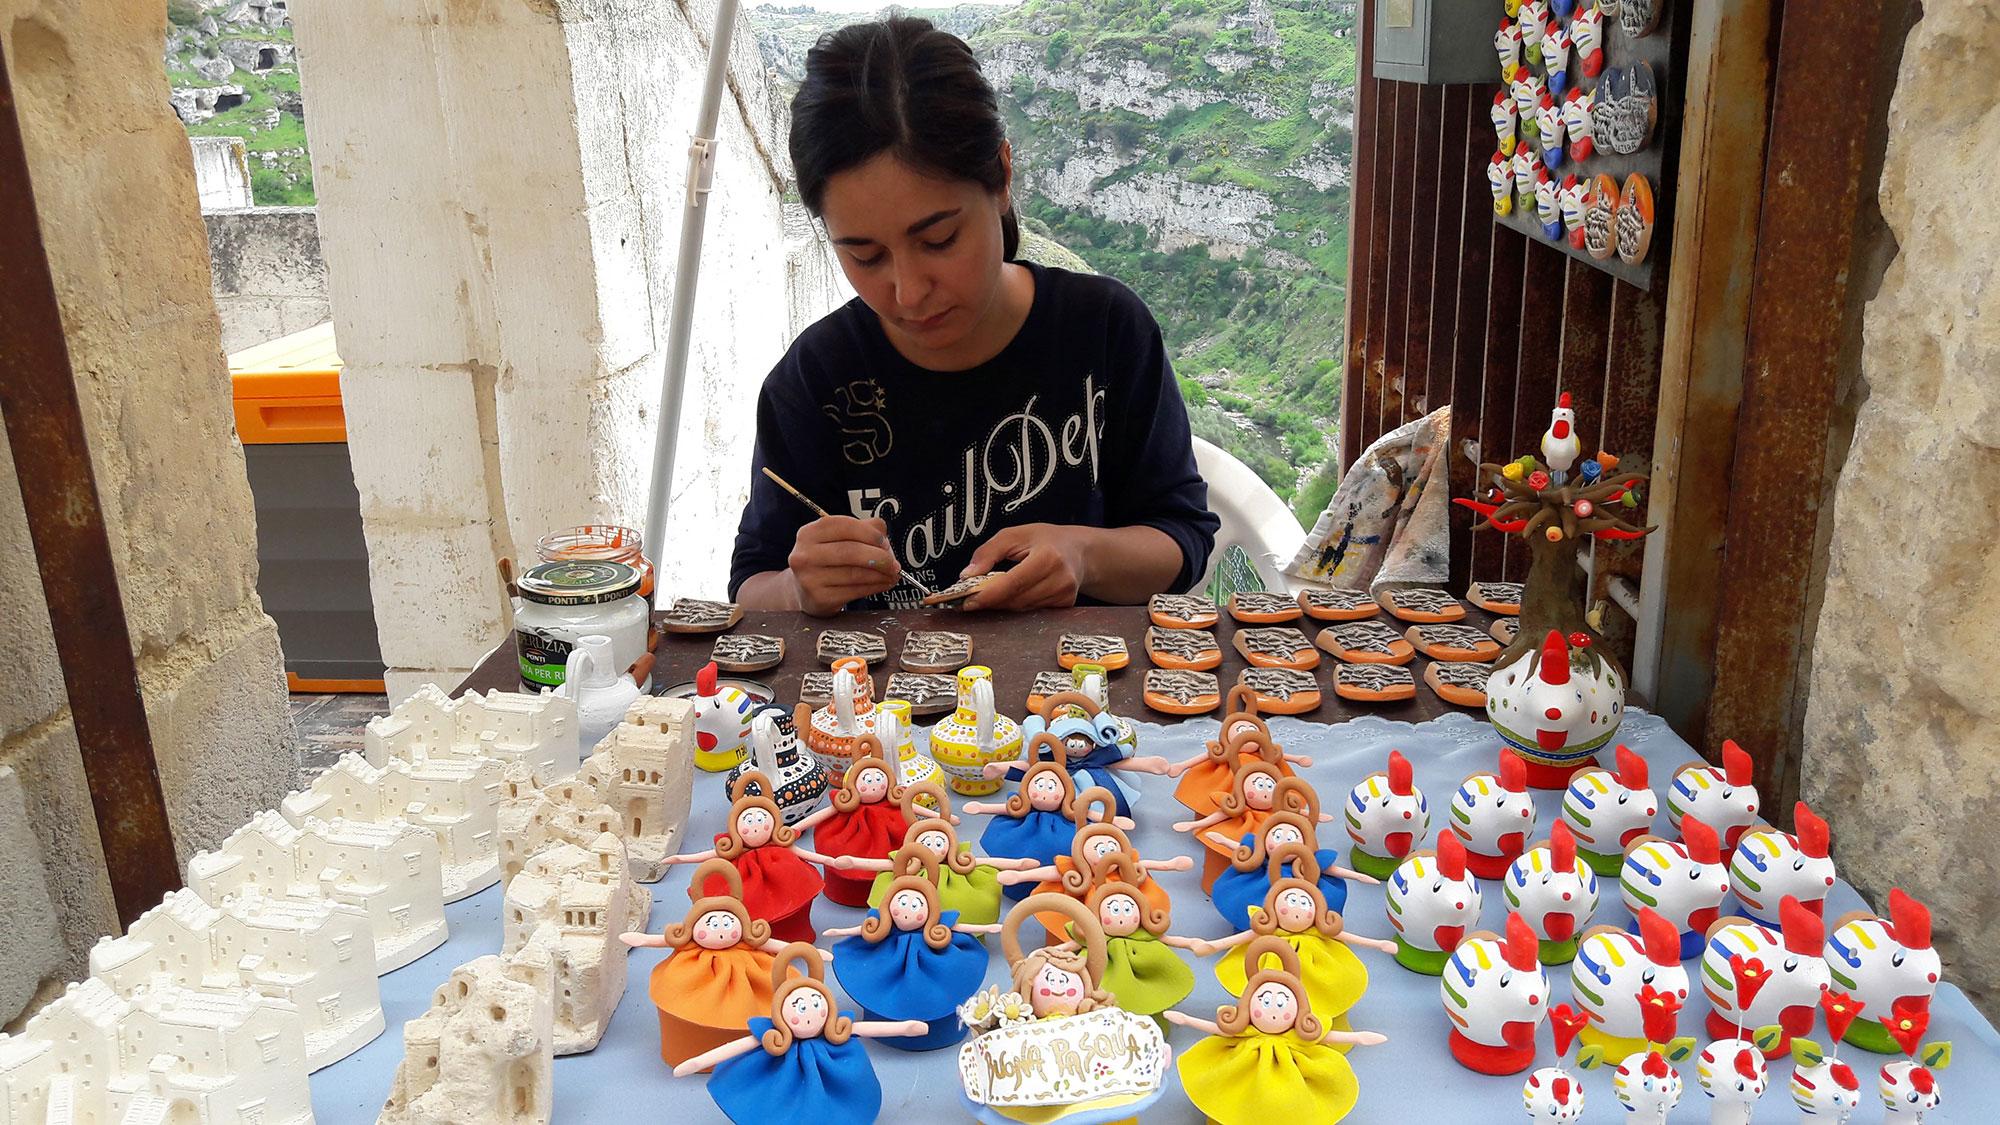 Artigiana materana a lavoro con i cucù sulla destra - Foto: Ferula Viaggi